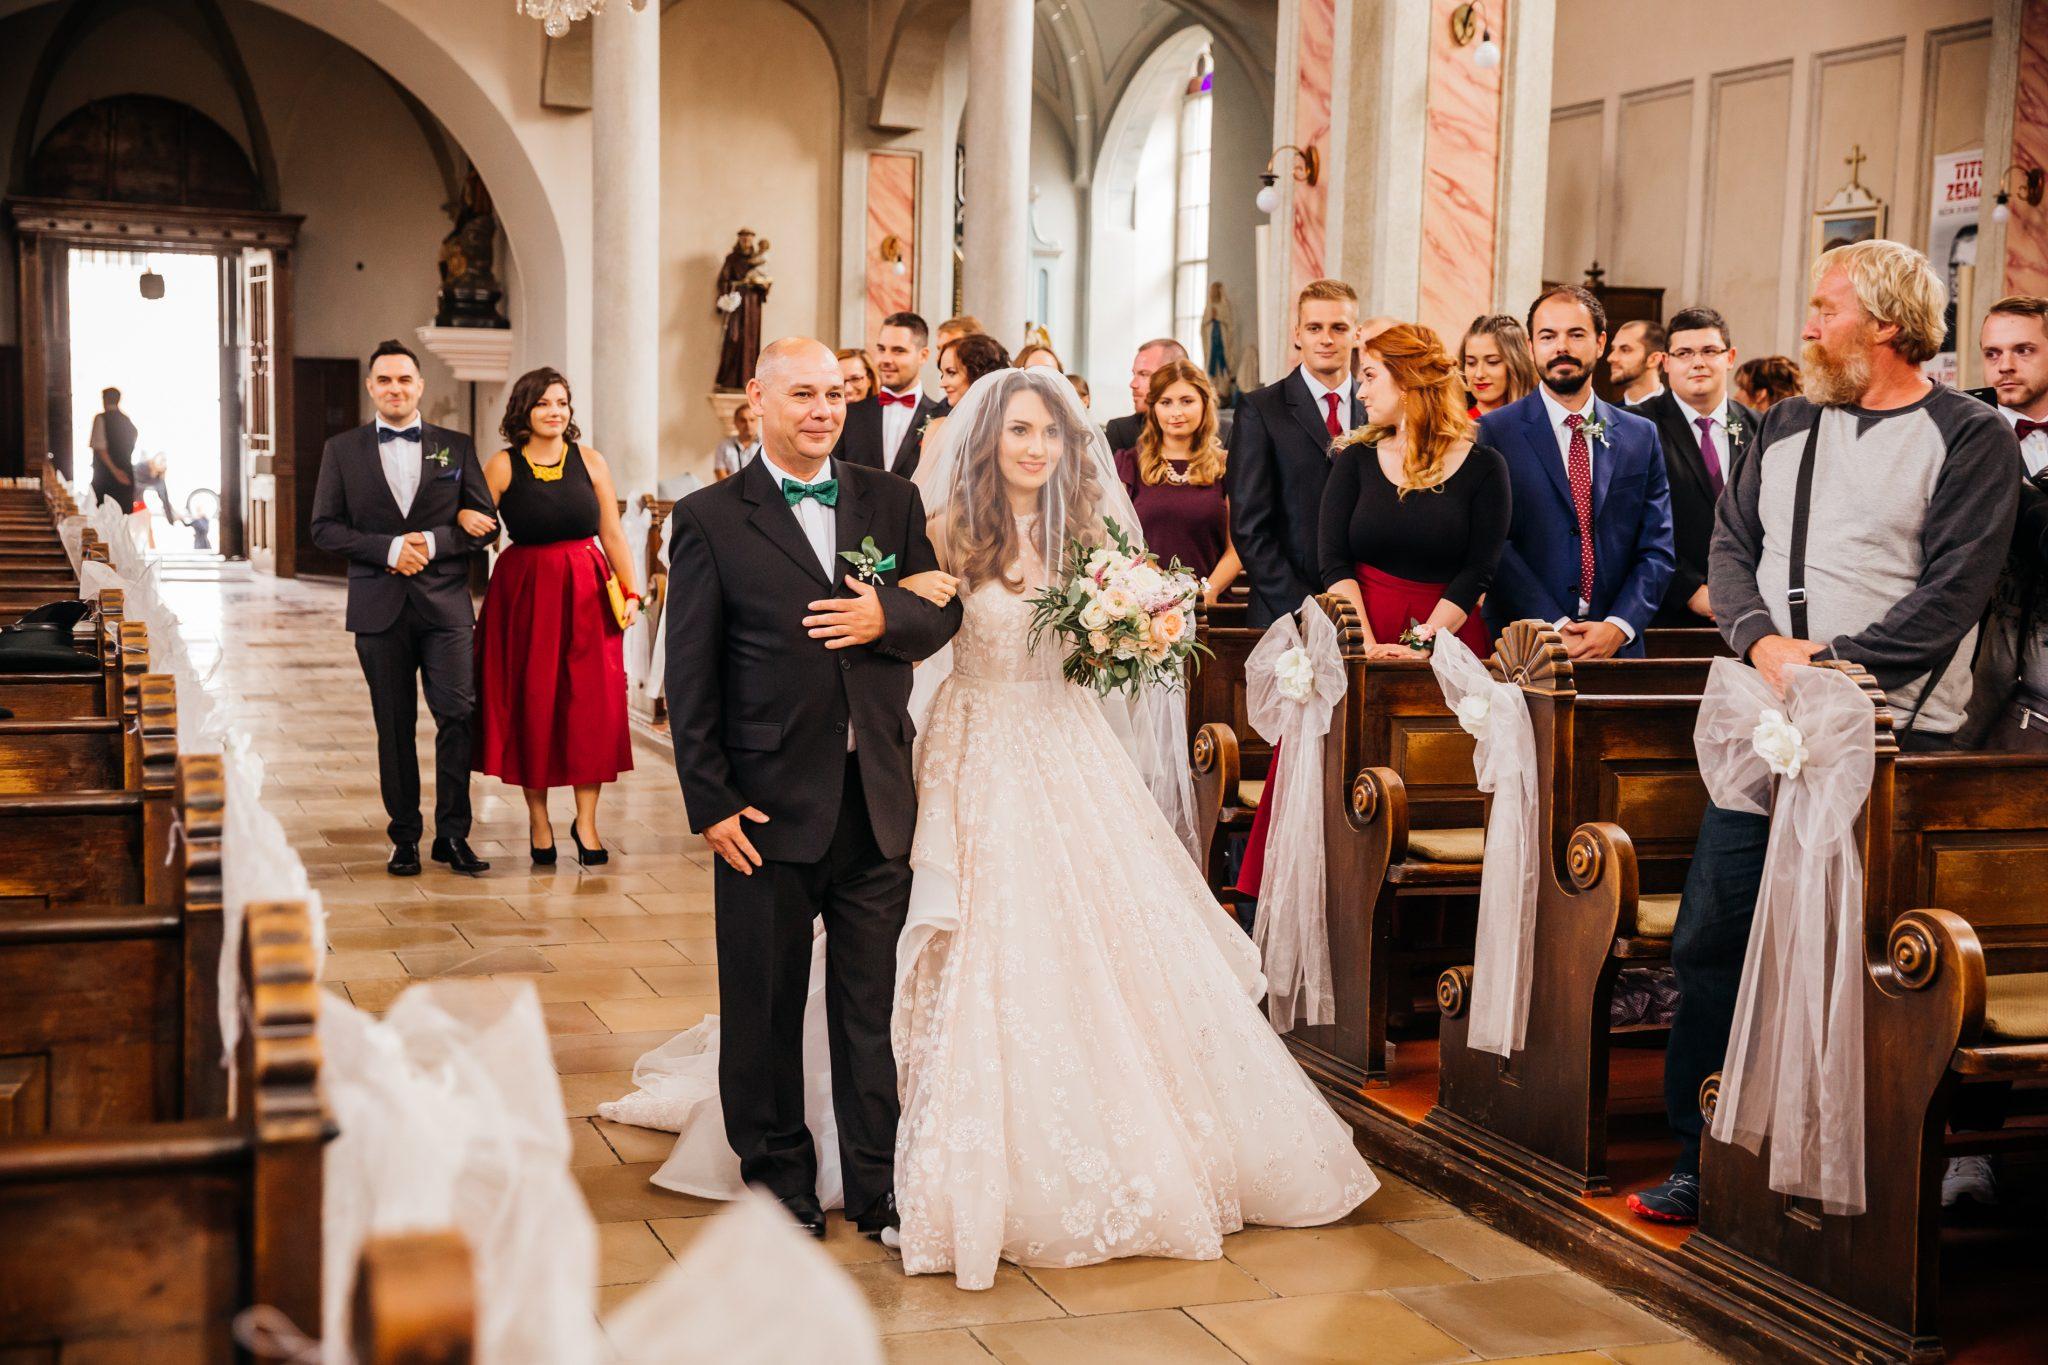 5301cb7576b9 Bez svedkov by sa svadba ani nemohla uskutočniť. Mali by to byť vaši  najbližší ľudia